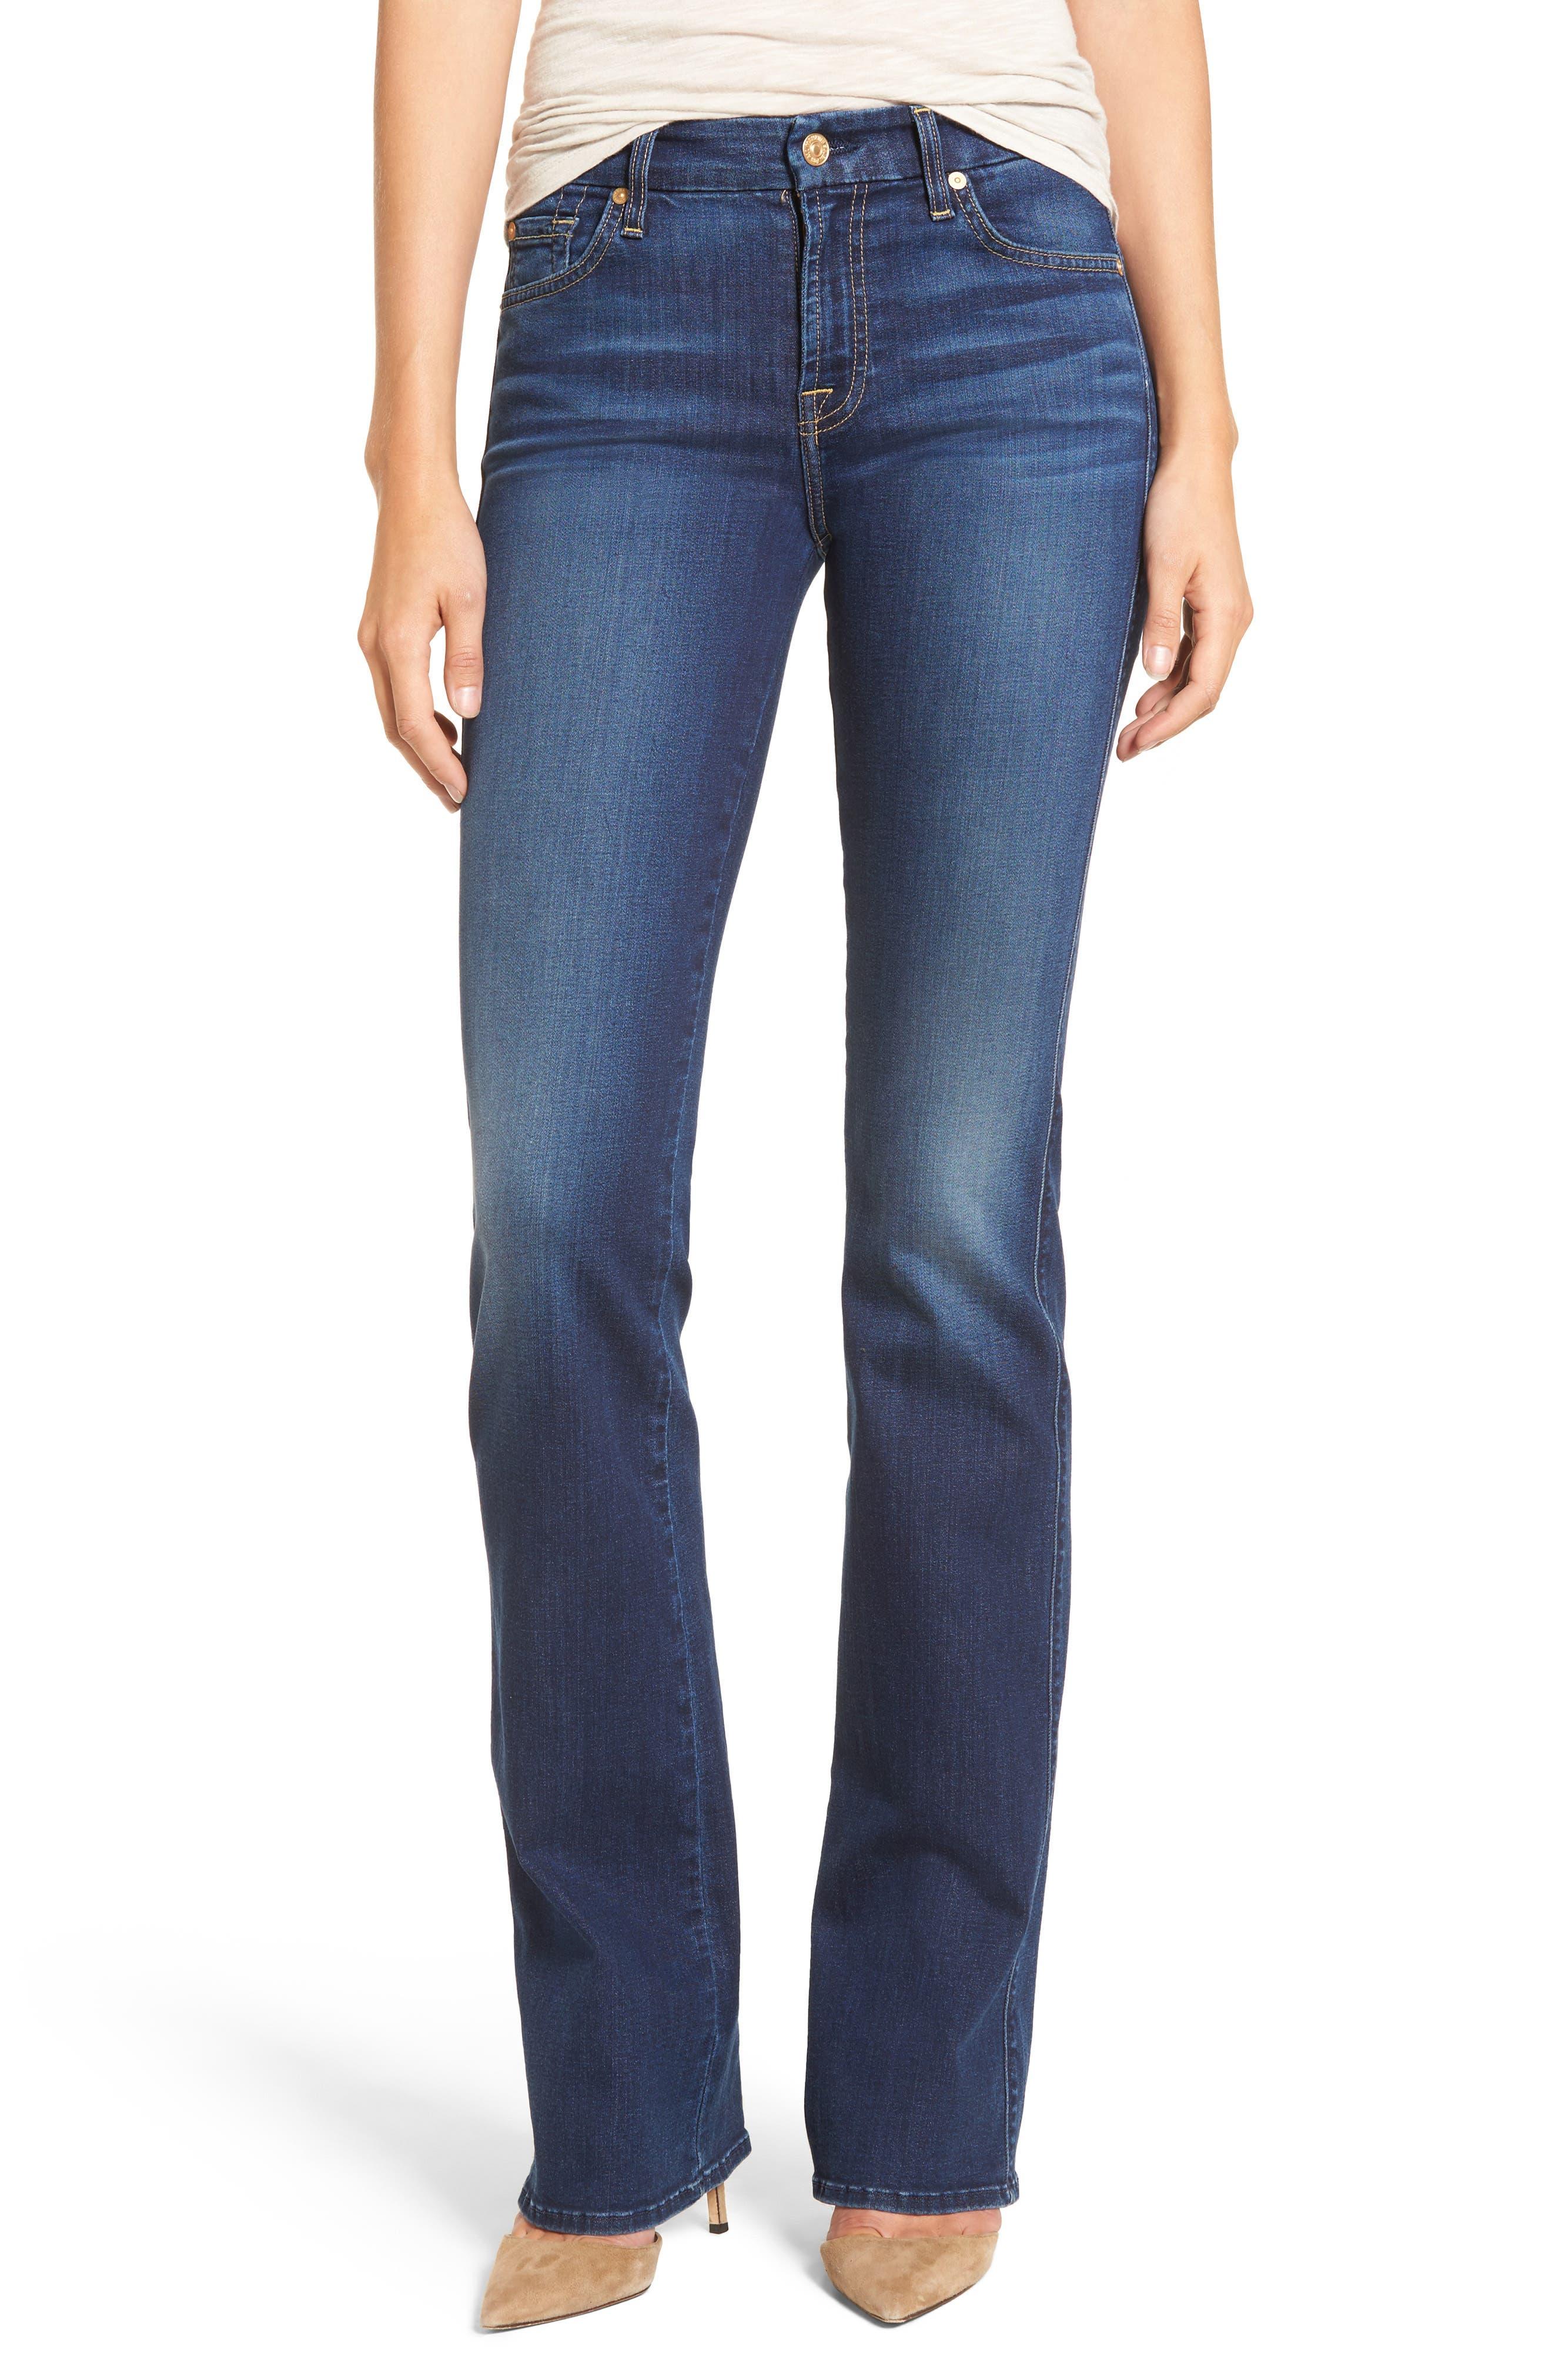 b(air) - Kimmie Bootcut Jeans,                         Main,                         color, 400